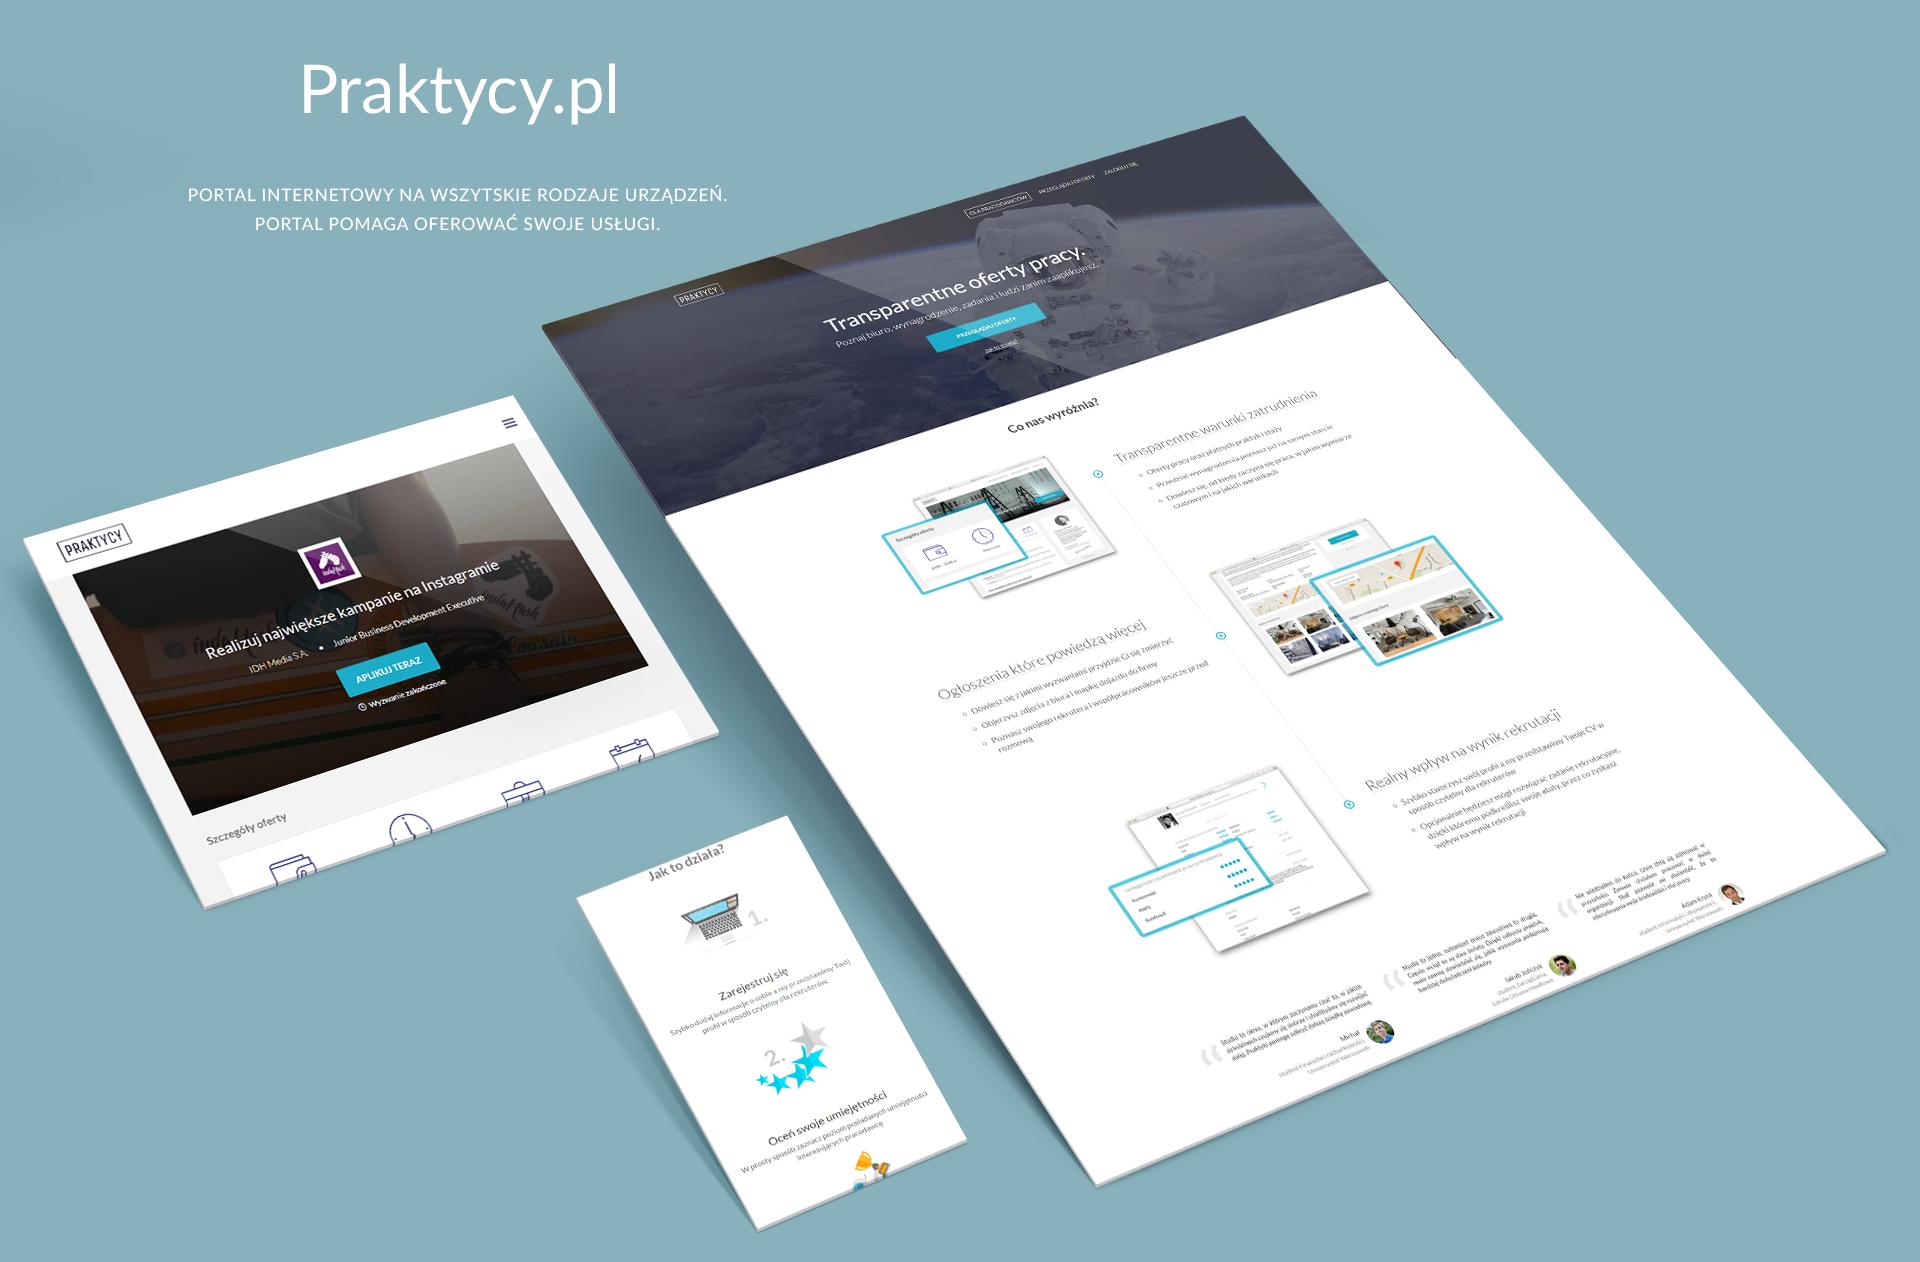 Strona www startupu praktycy.pl